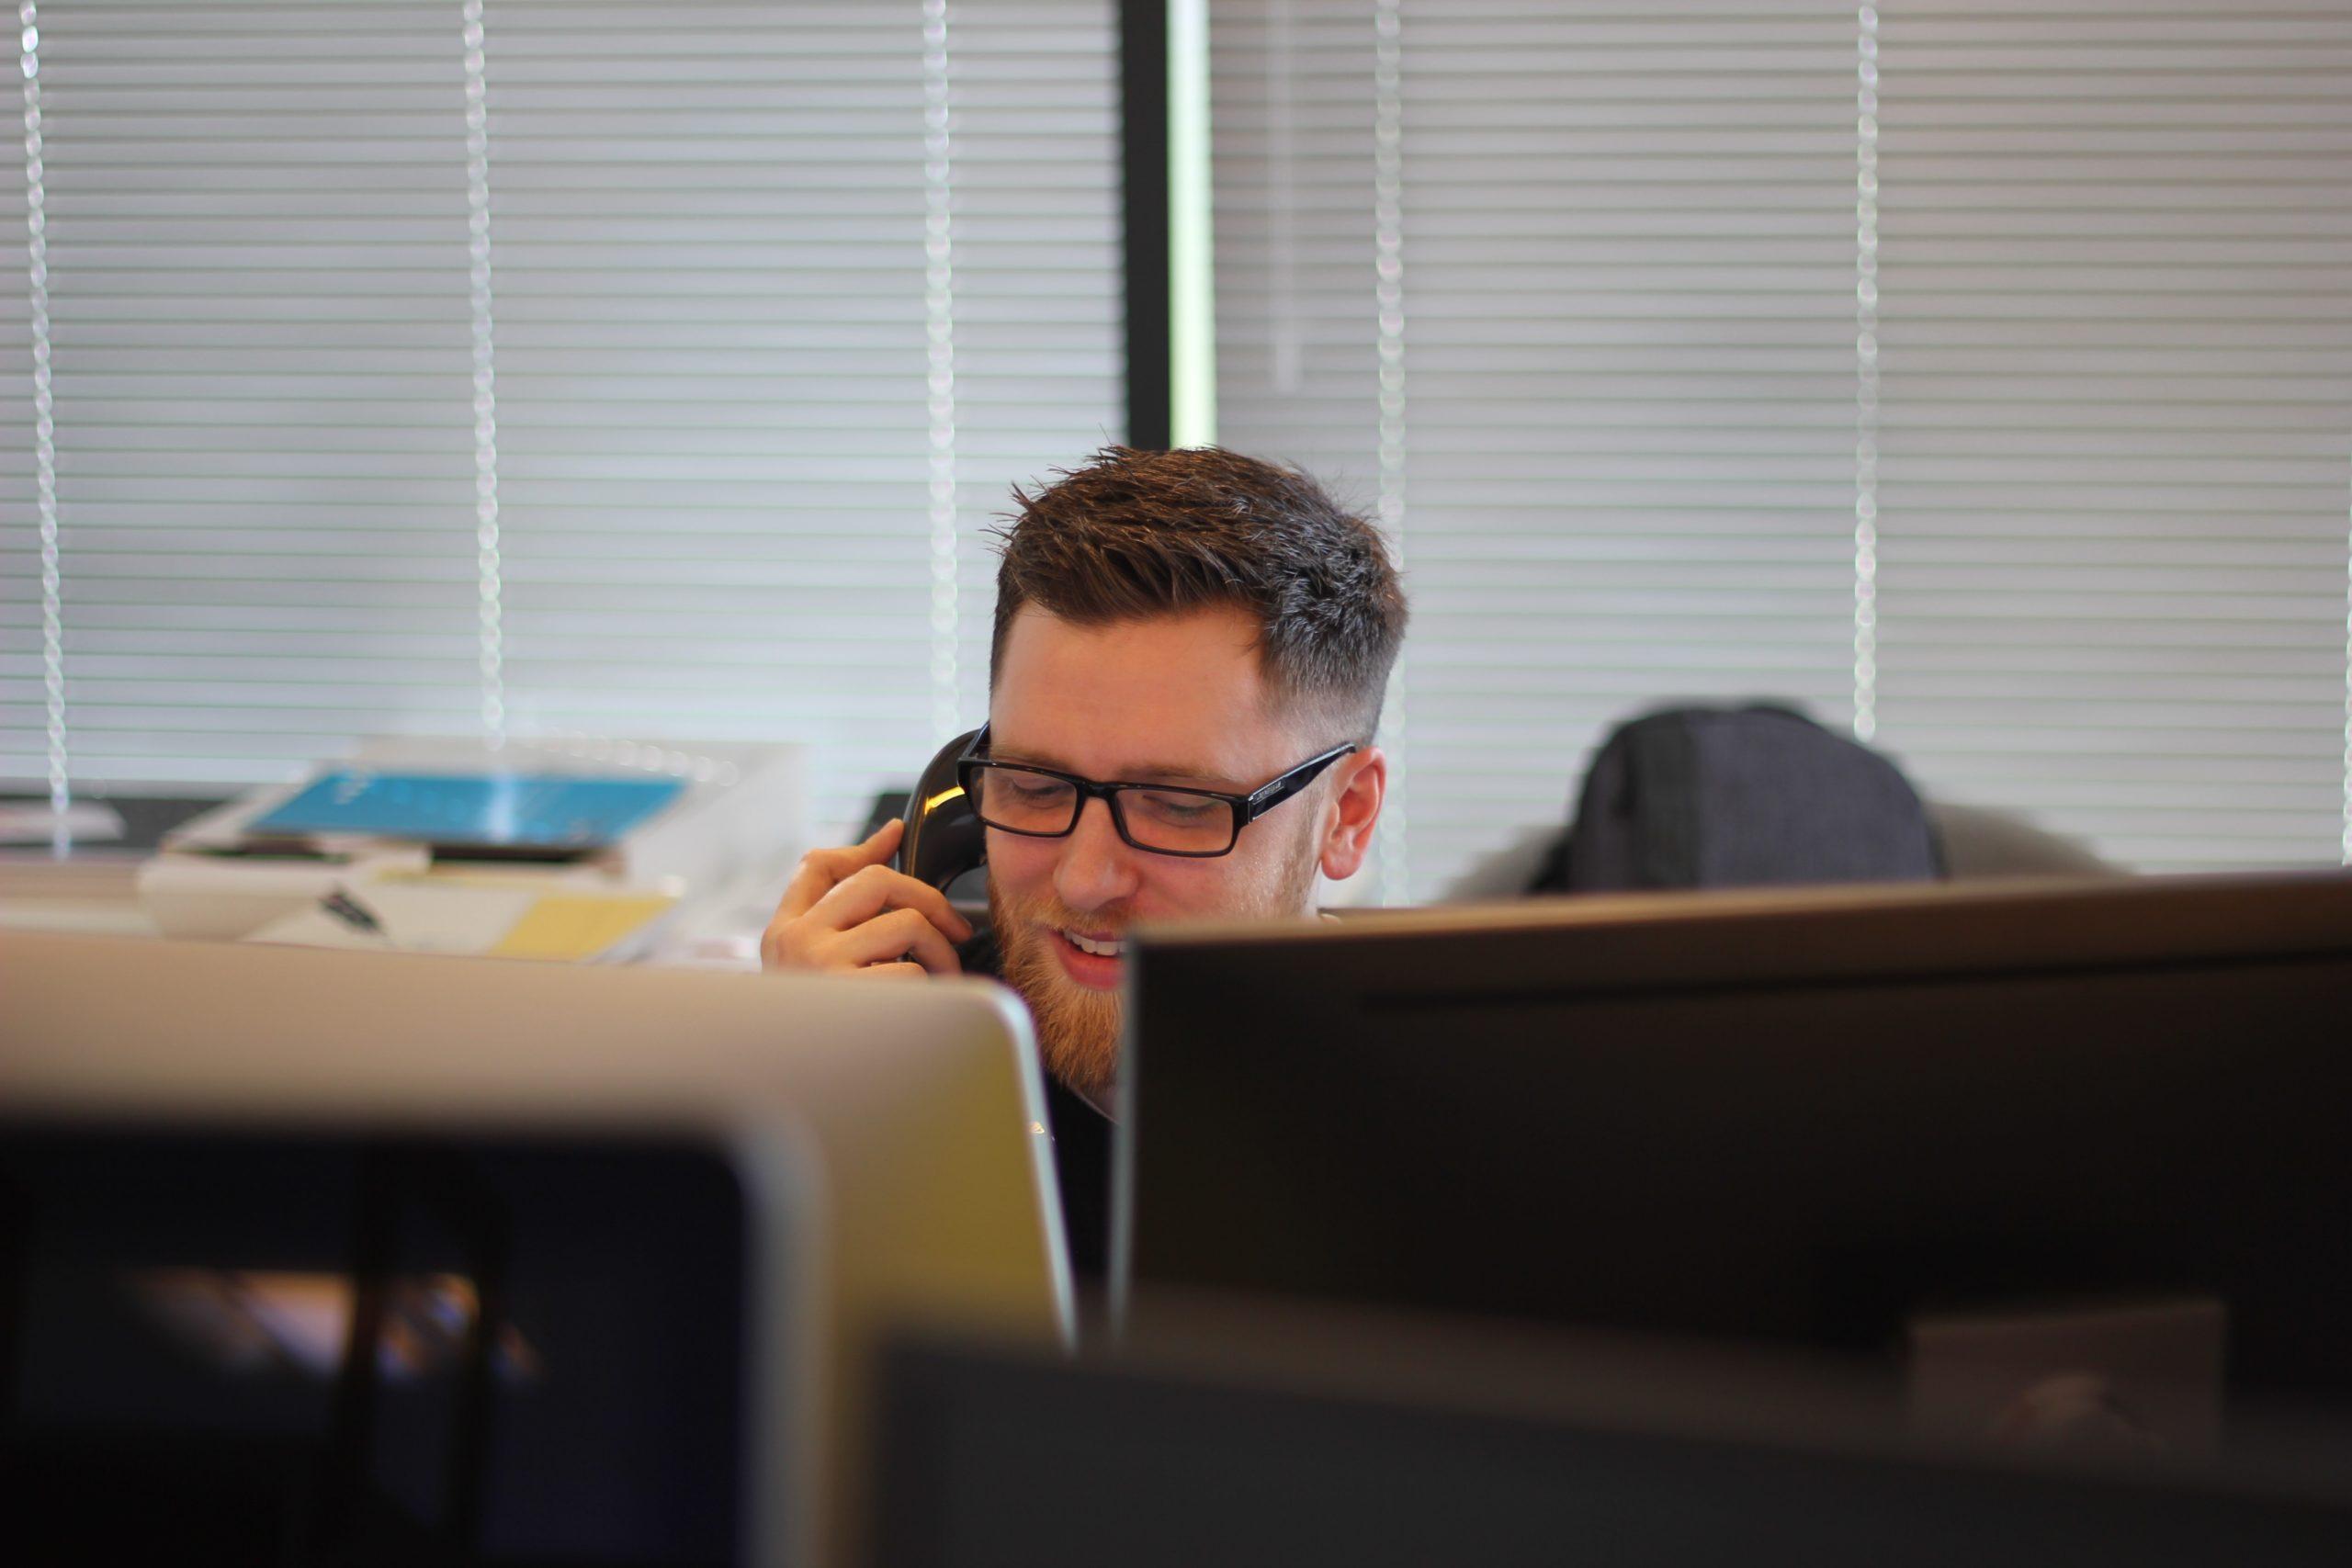 Come diventare un operatore call center